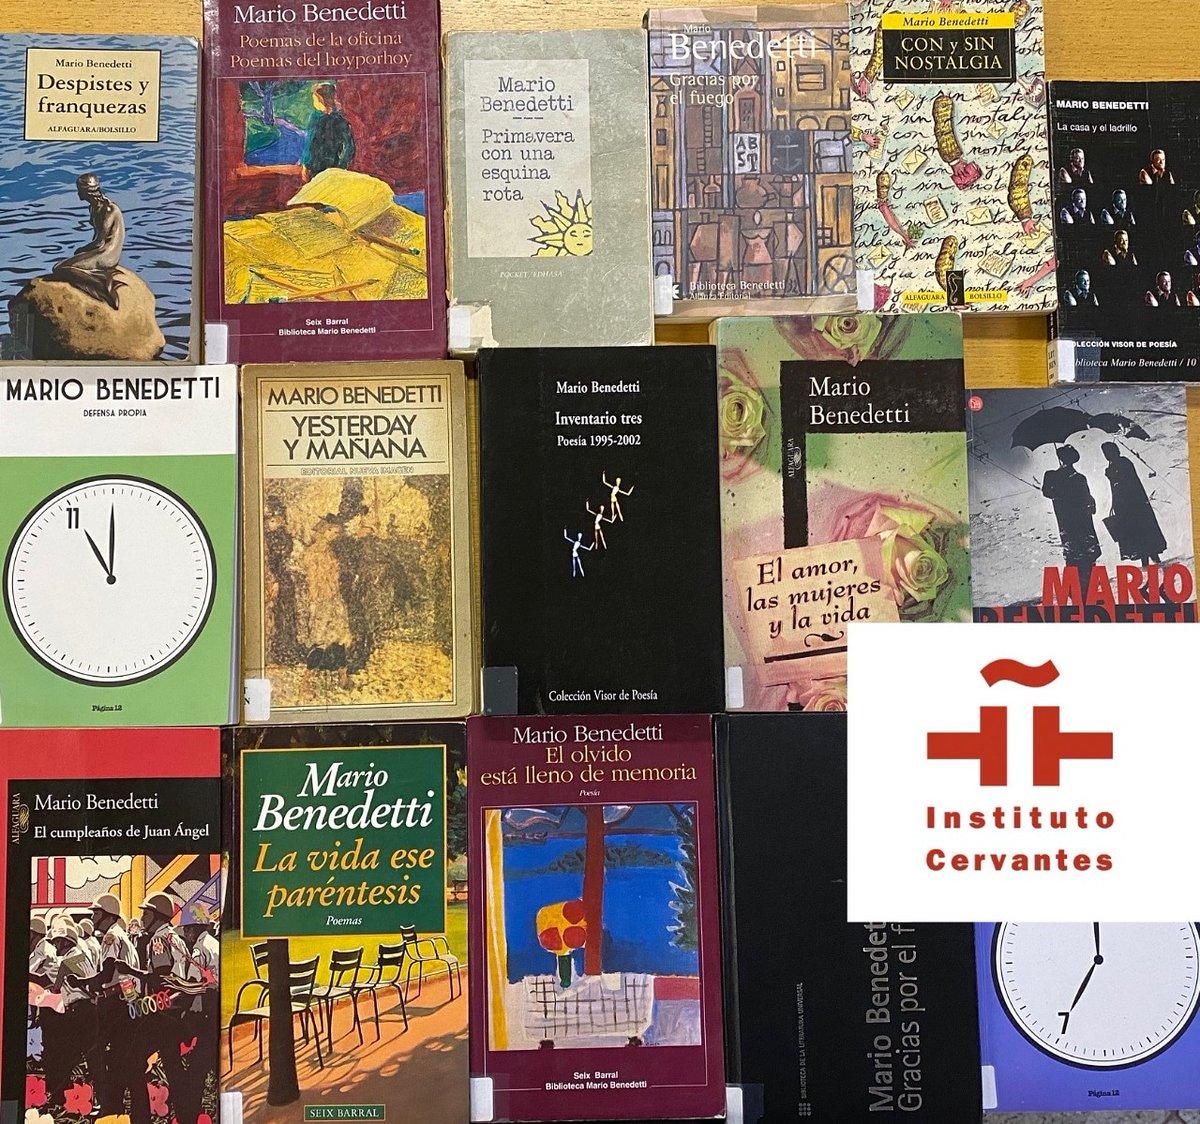 Nossa homenagem ao centenário de nascimento do escritor uruguaio Mario Benedetti. Autor de romances, relatos, poesias, teatro e crítica literária, publicou mais de oitenta livros que foram traduzidos para mais de 20 idiomas. https://t.co/7H7KWmmItH